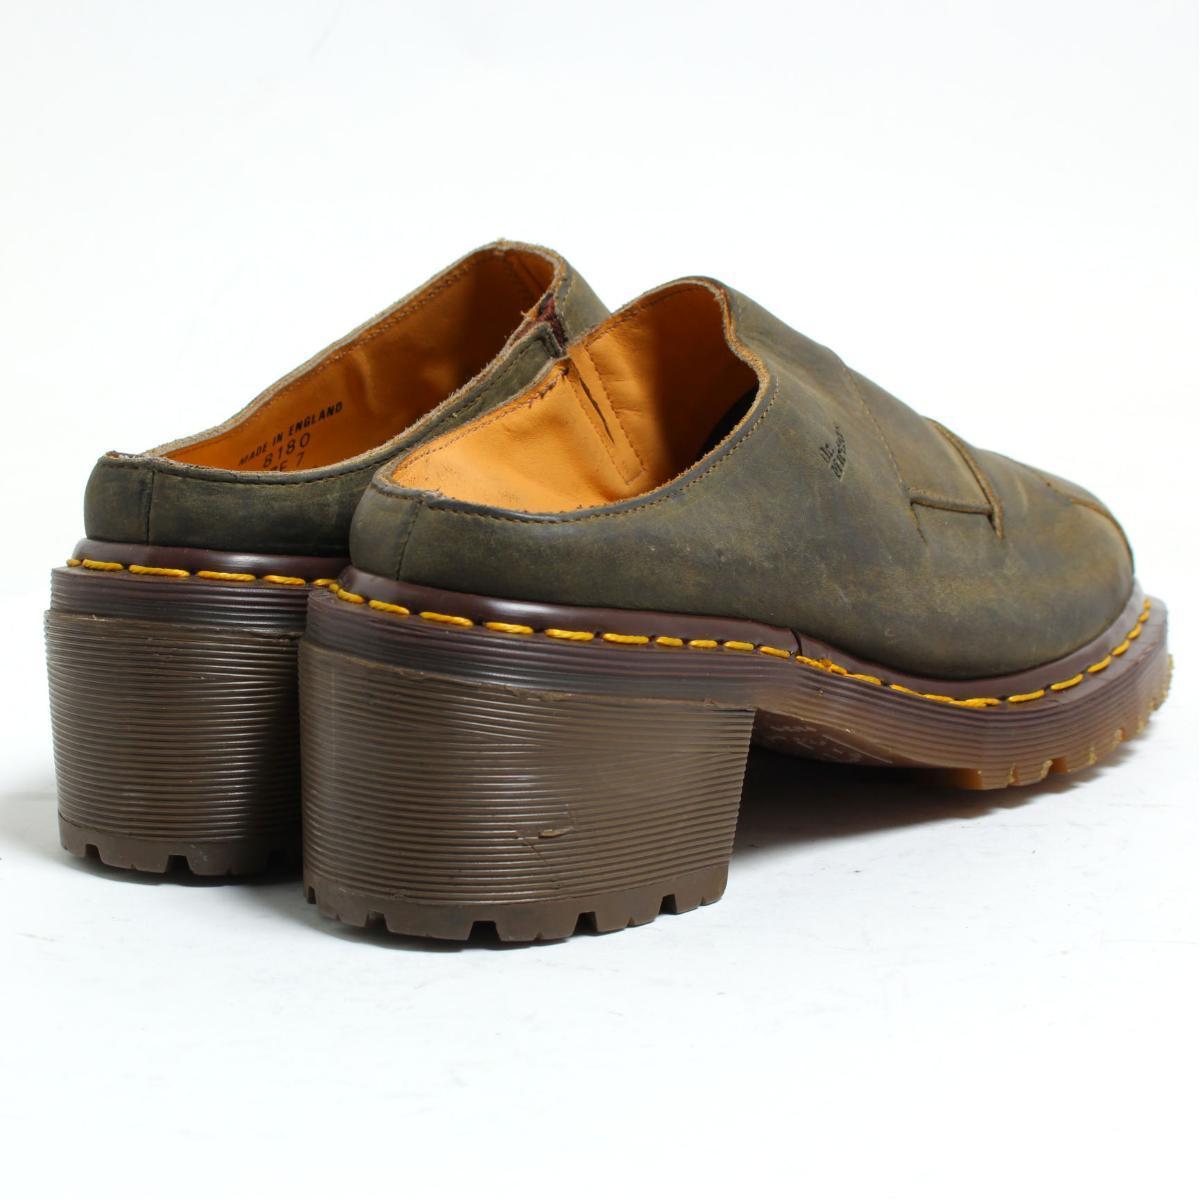 UK7 men 25.5cm /bon0698 made in the doctor Martin Dr.Martens slip-on shoes U.K.